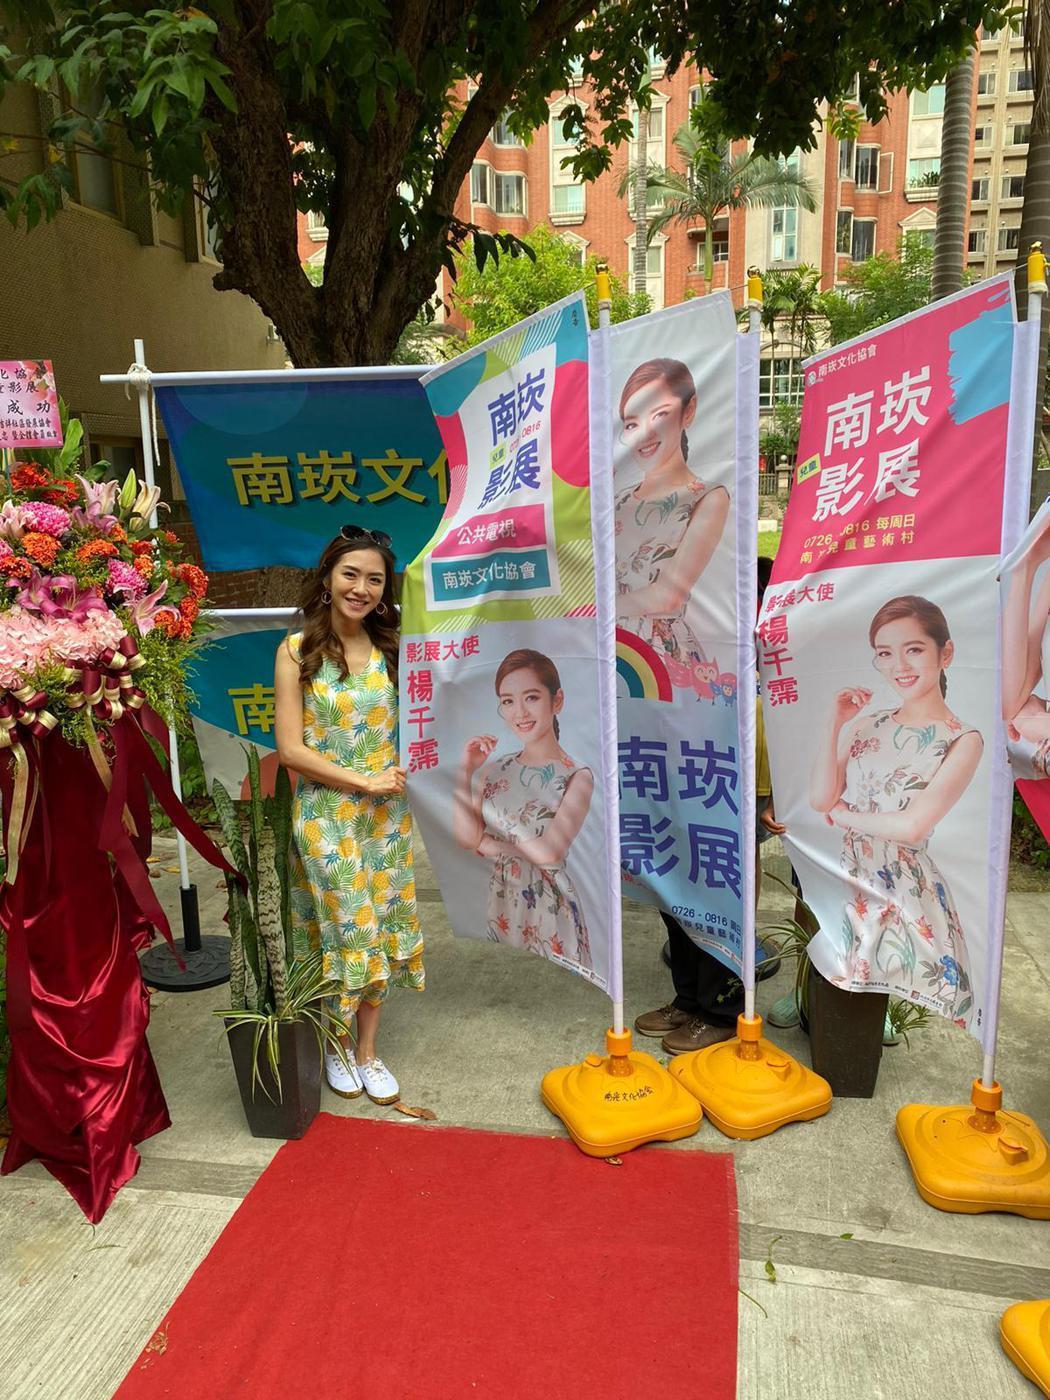 楊千霈受邀成為南崁影展大使。圖/南崁文化協會提供